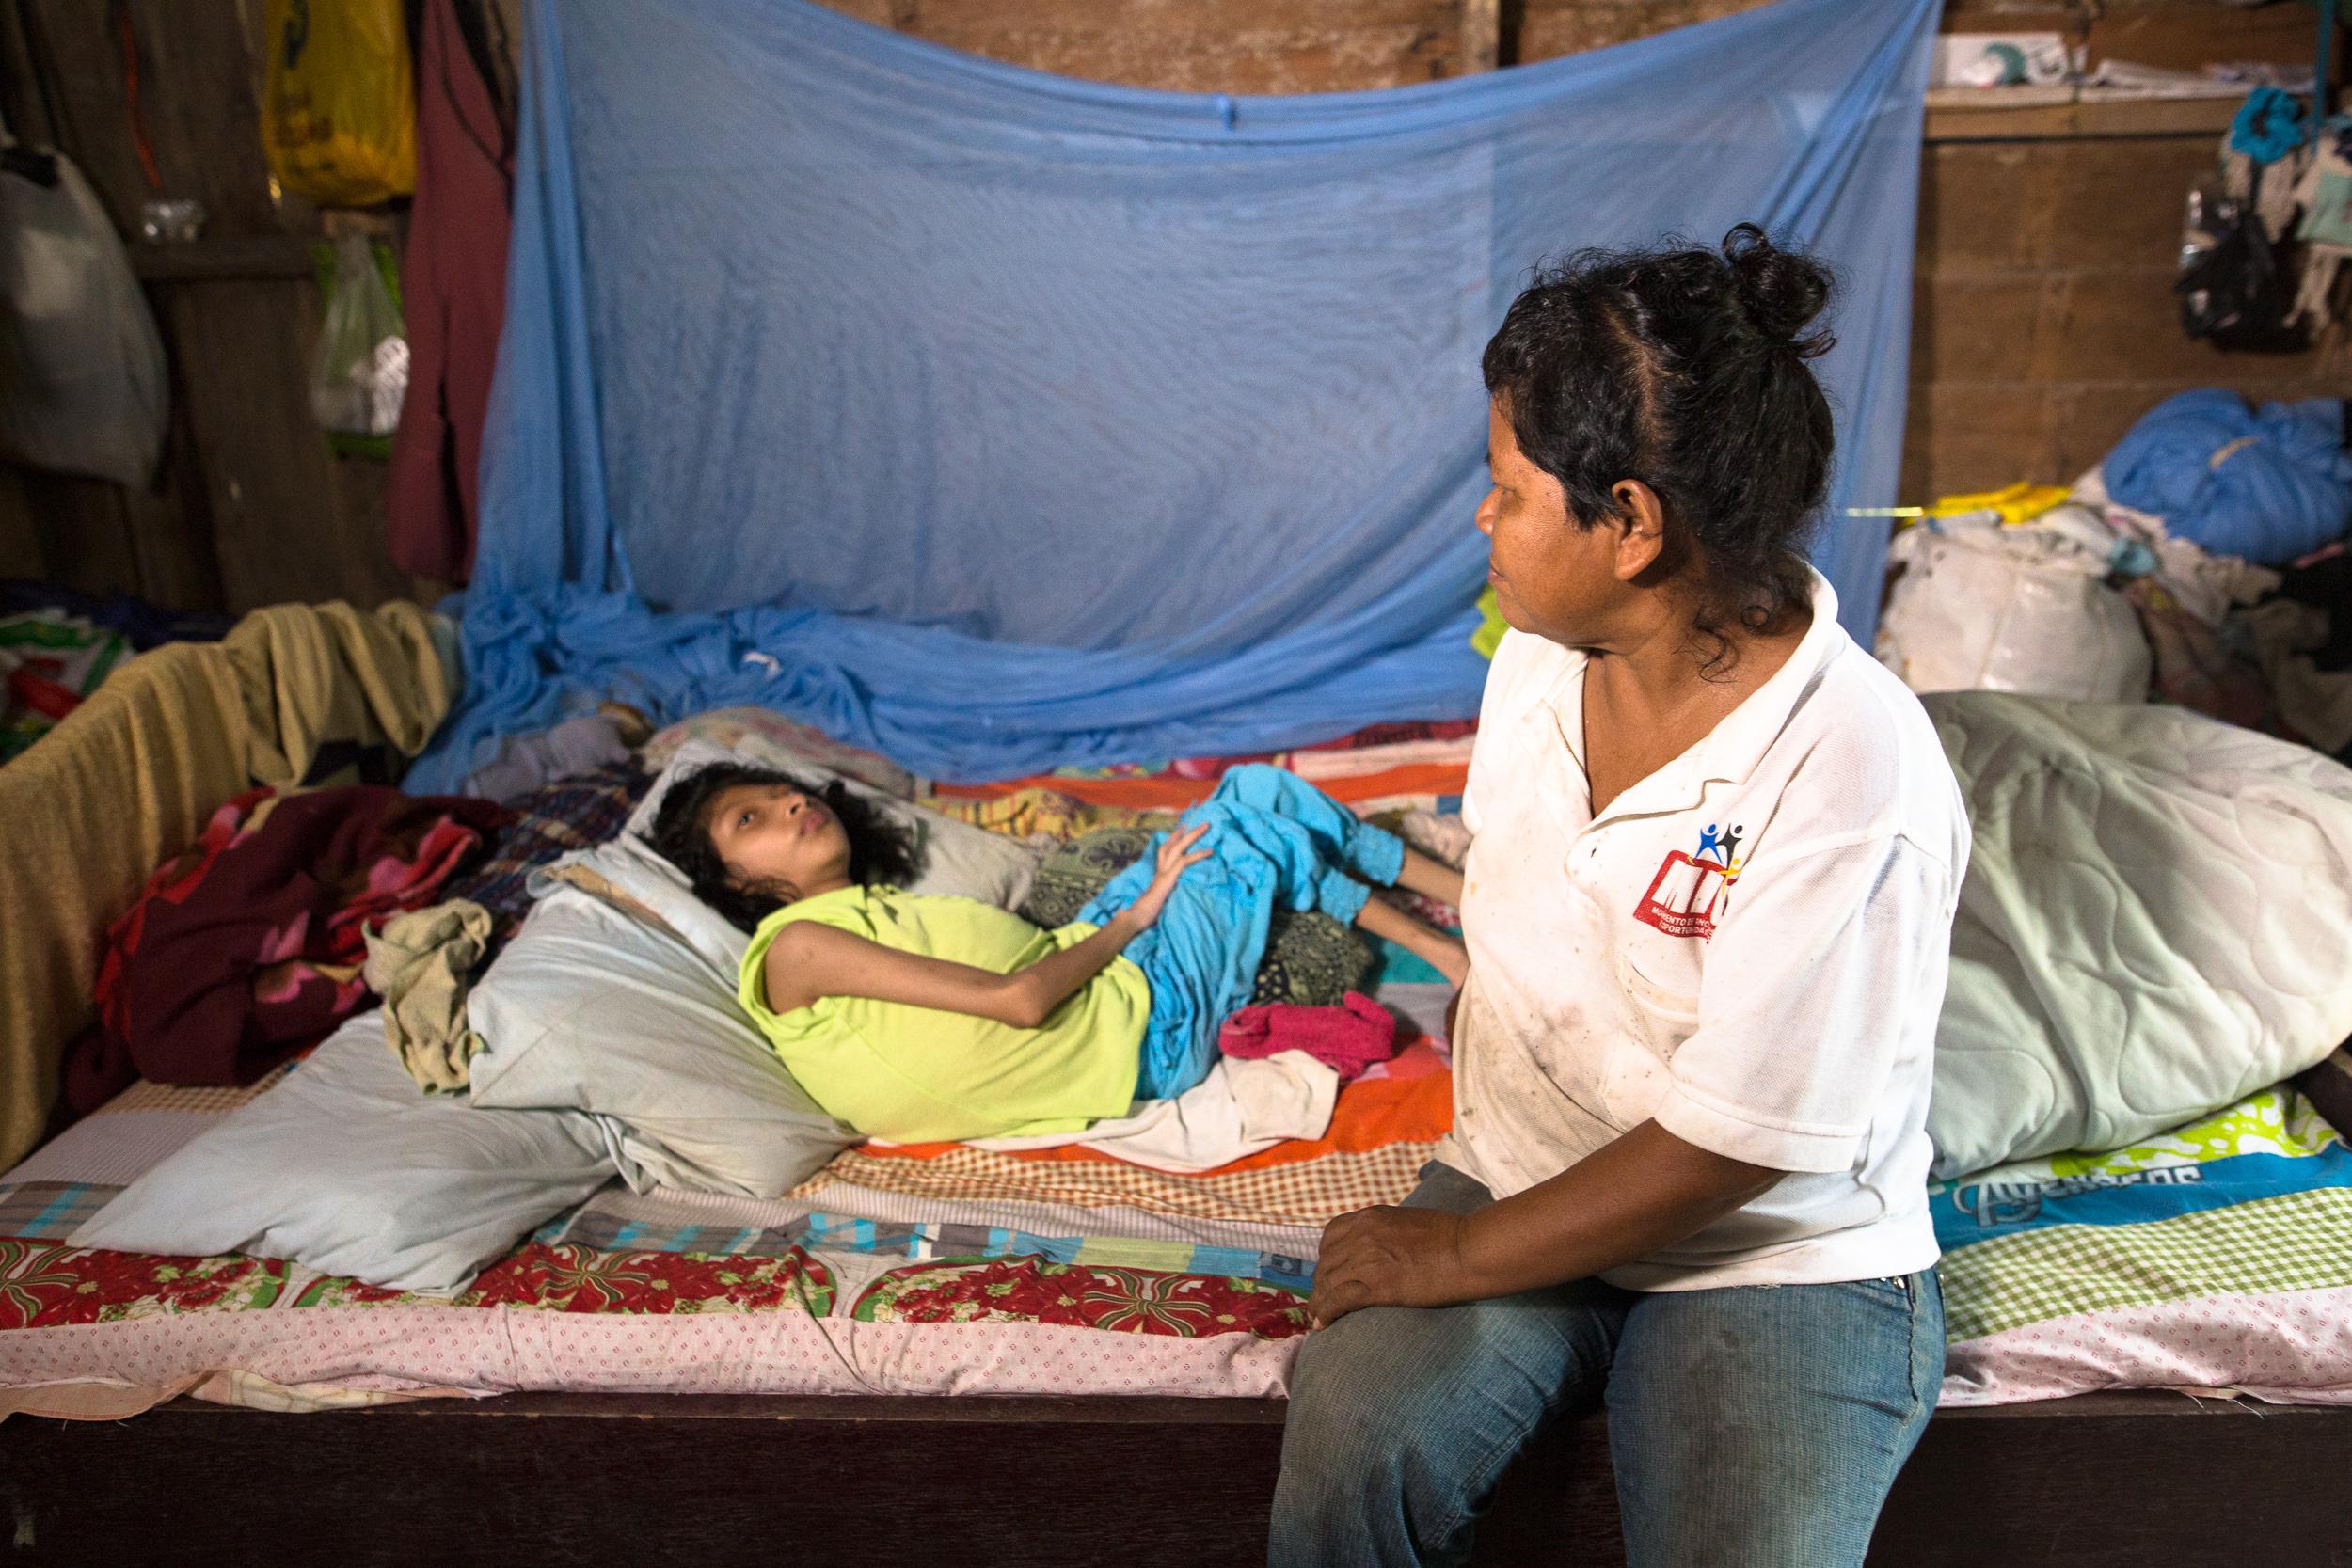 Maximo's daughter has special needs, which is not easy in San Jose de los Rios